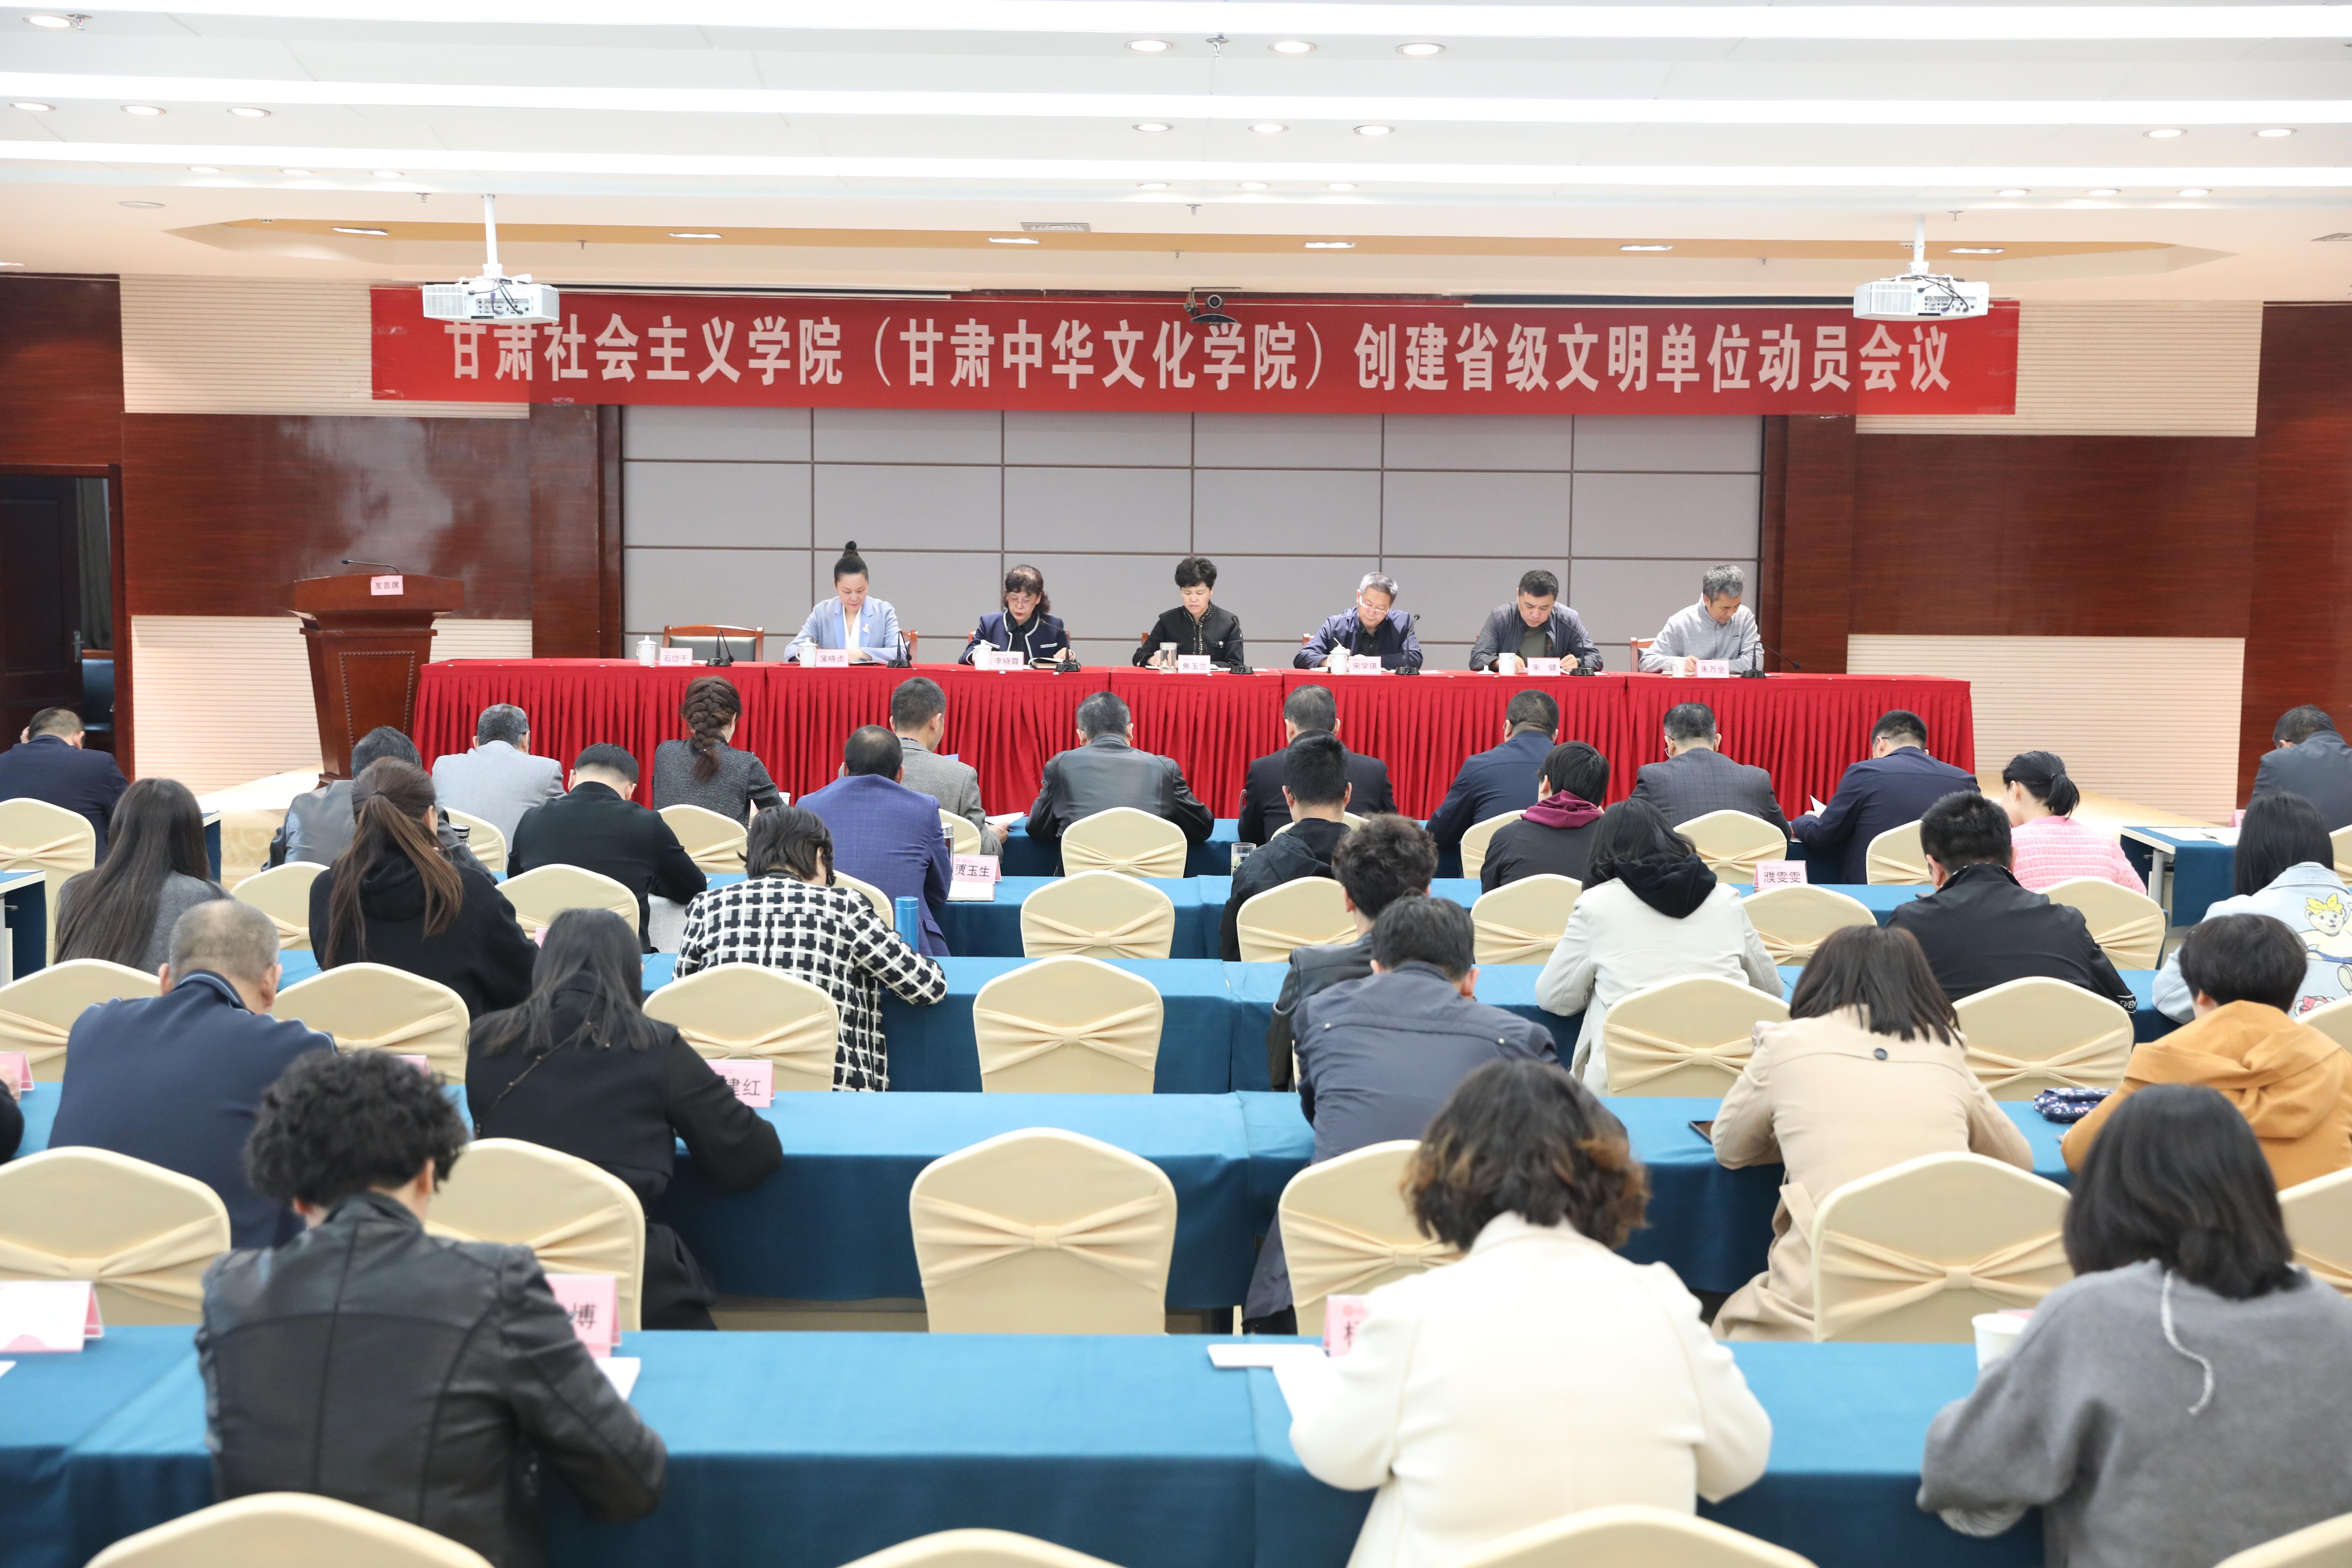 甘肃社会主义学院(甘肃中华文化学院)召开 创建省级文明单位动员会议